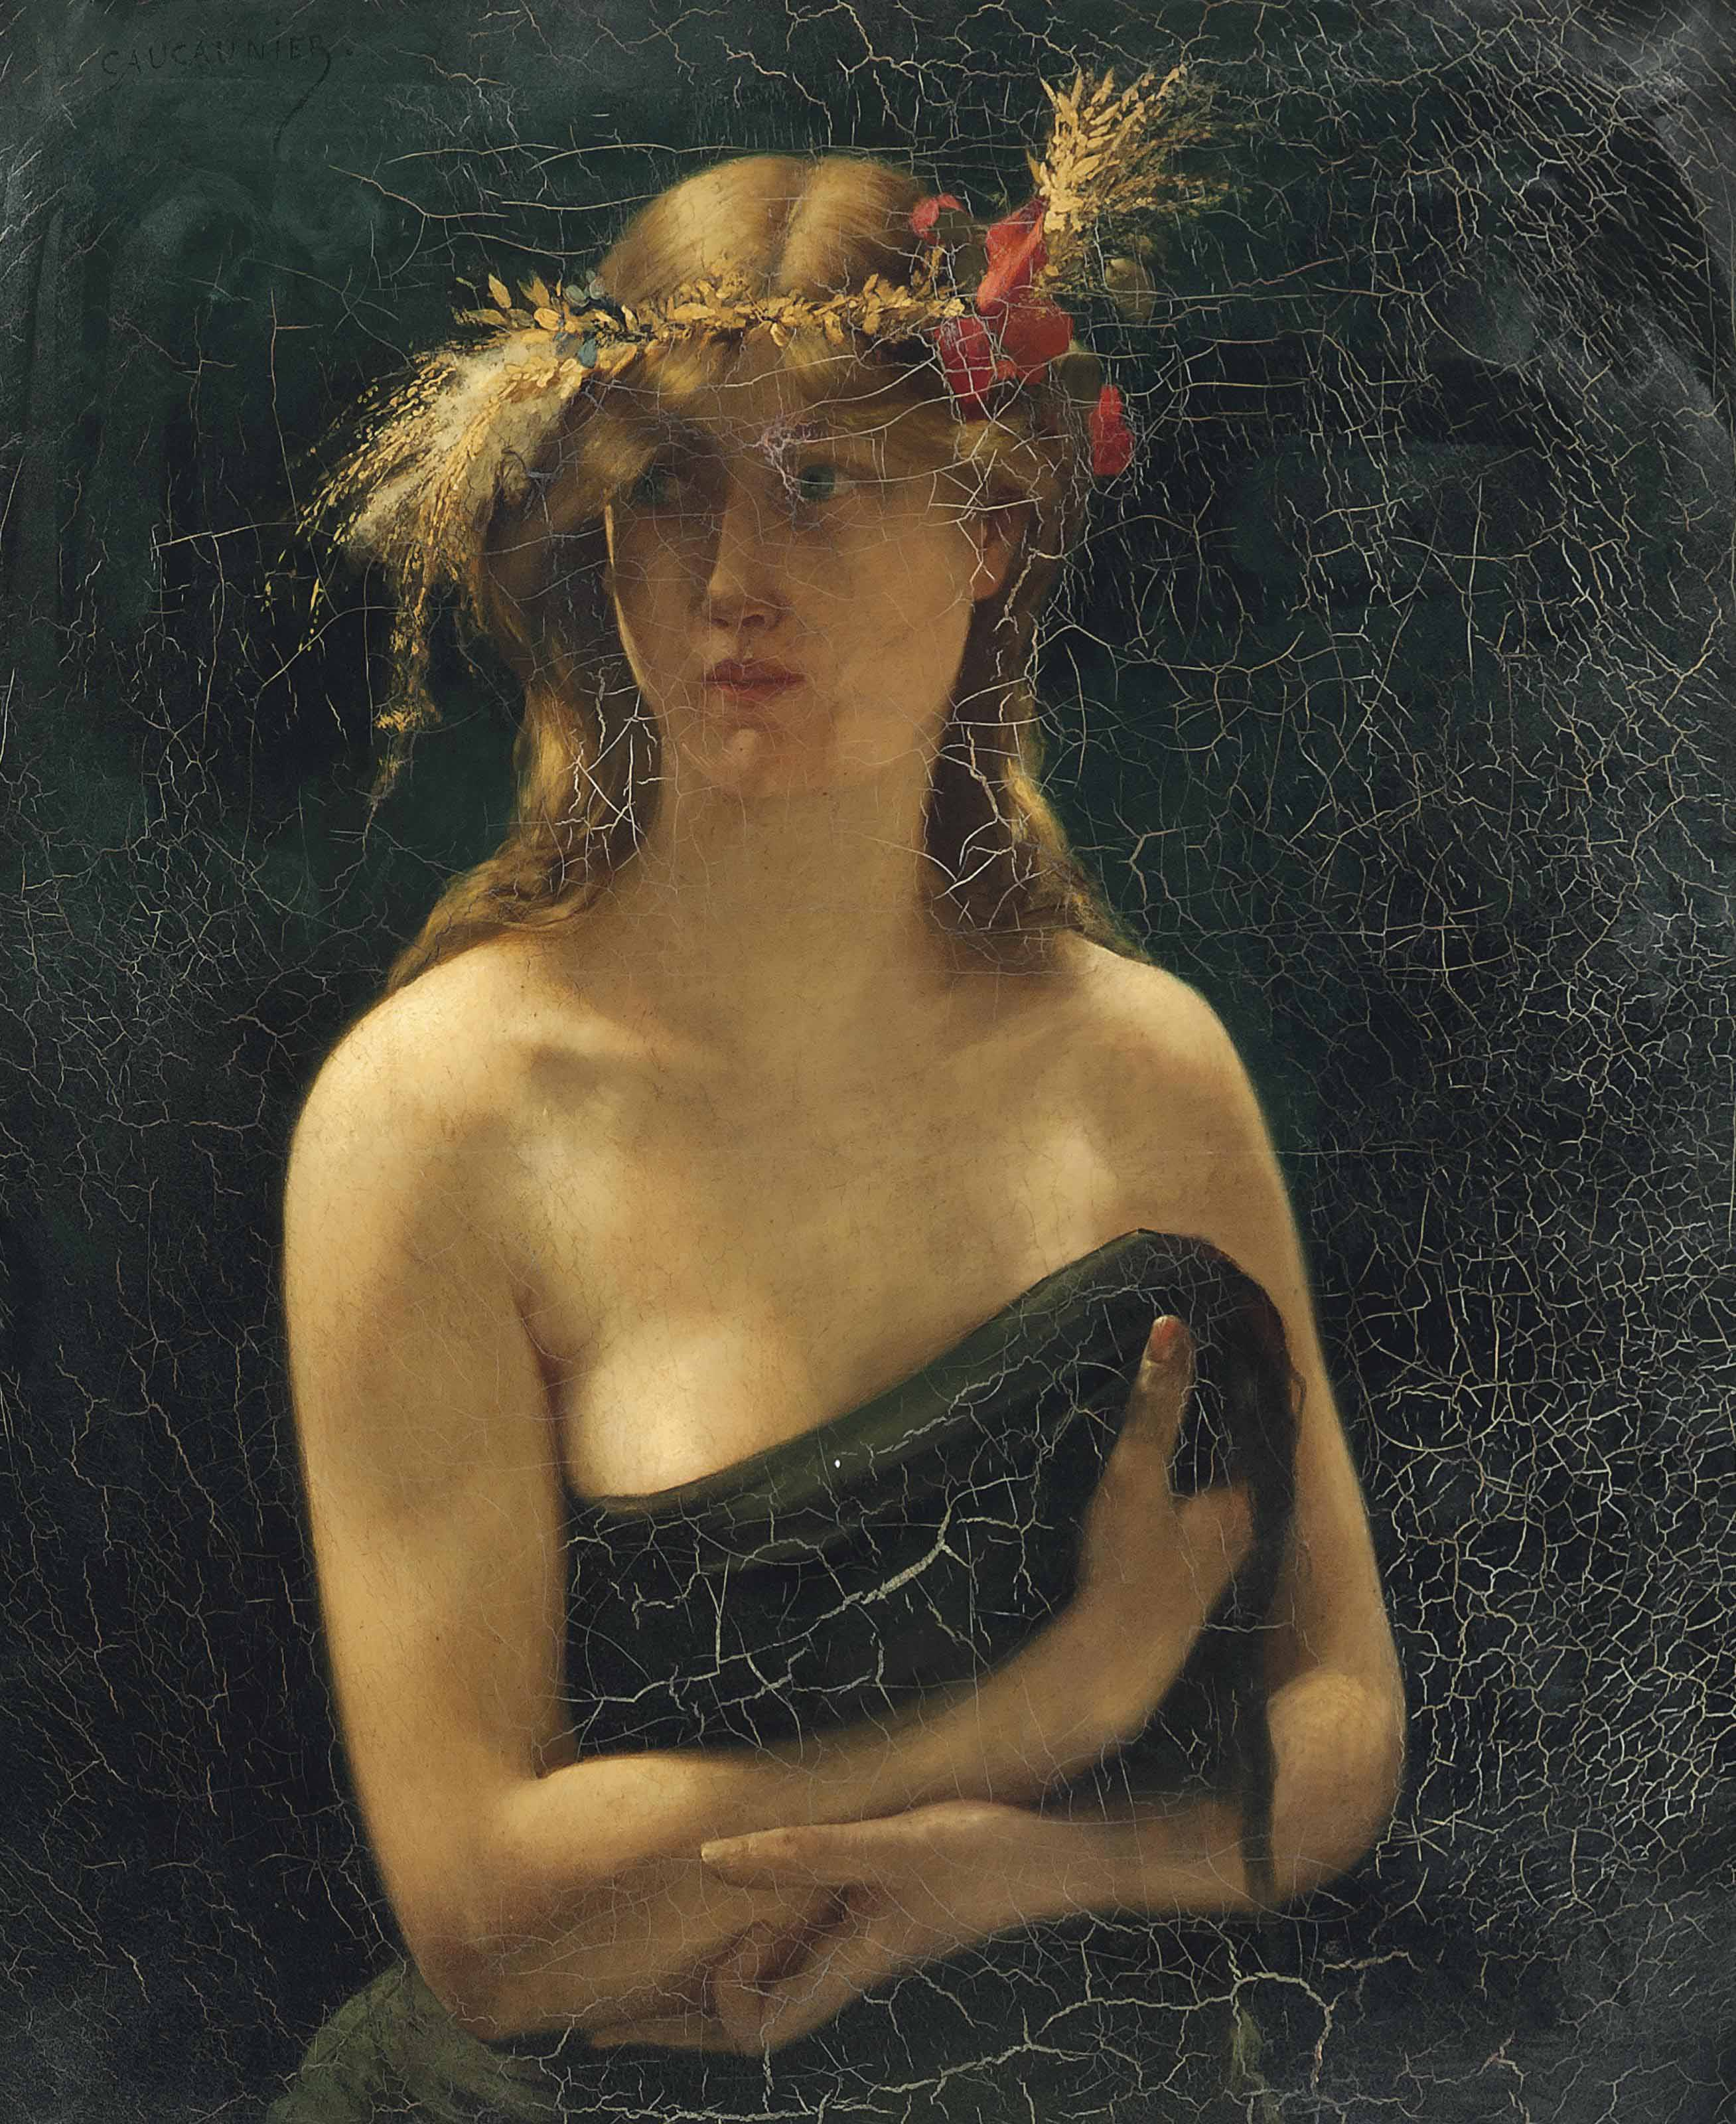 Jean-Denis-Antoine Caucannier (French, c. 1860 - c. 1905)